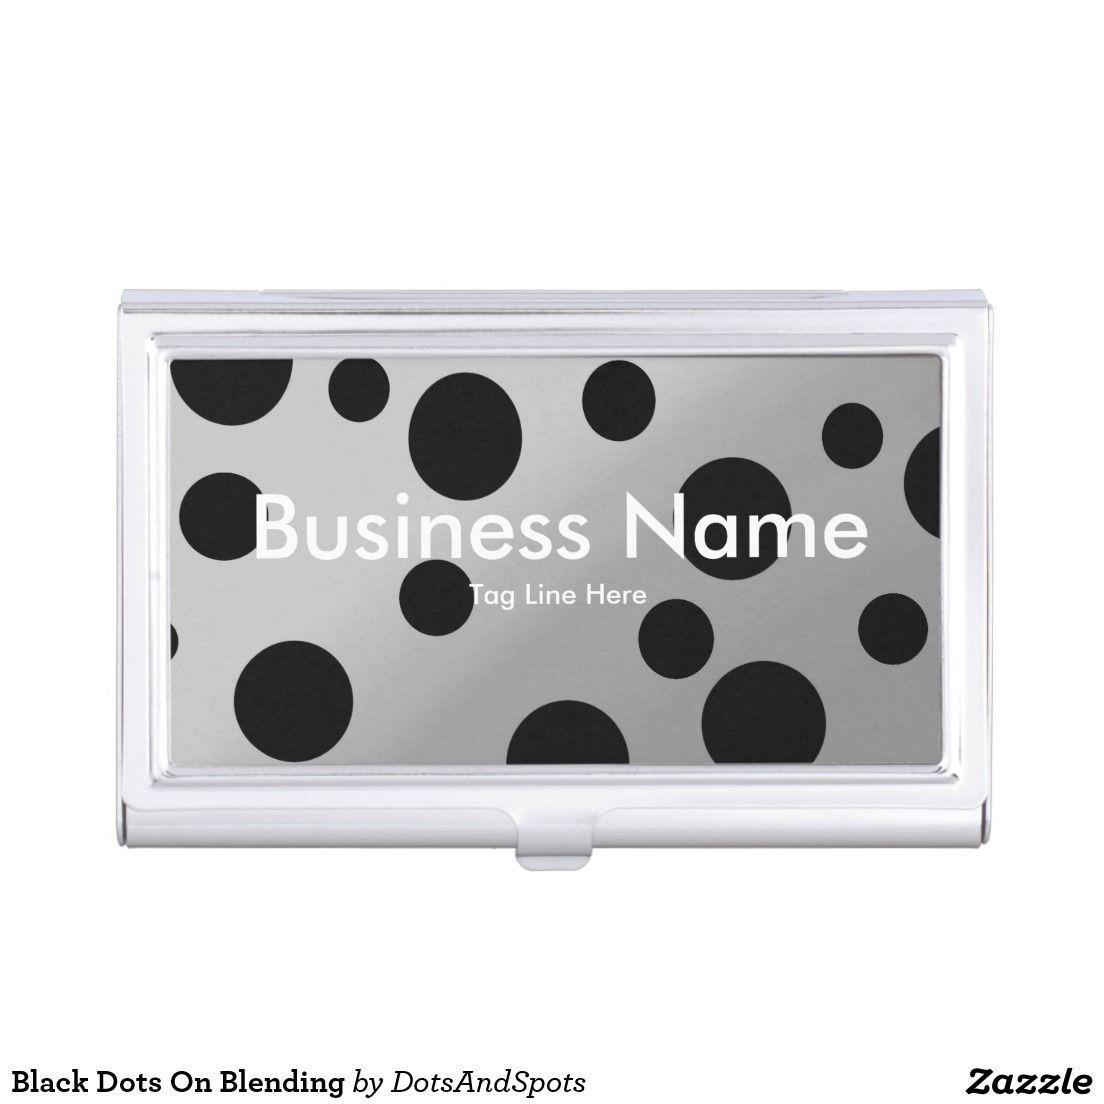 Black Dots On Blending Case For Business Cards